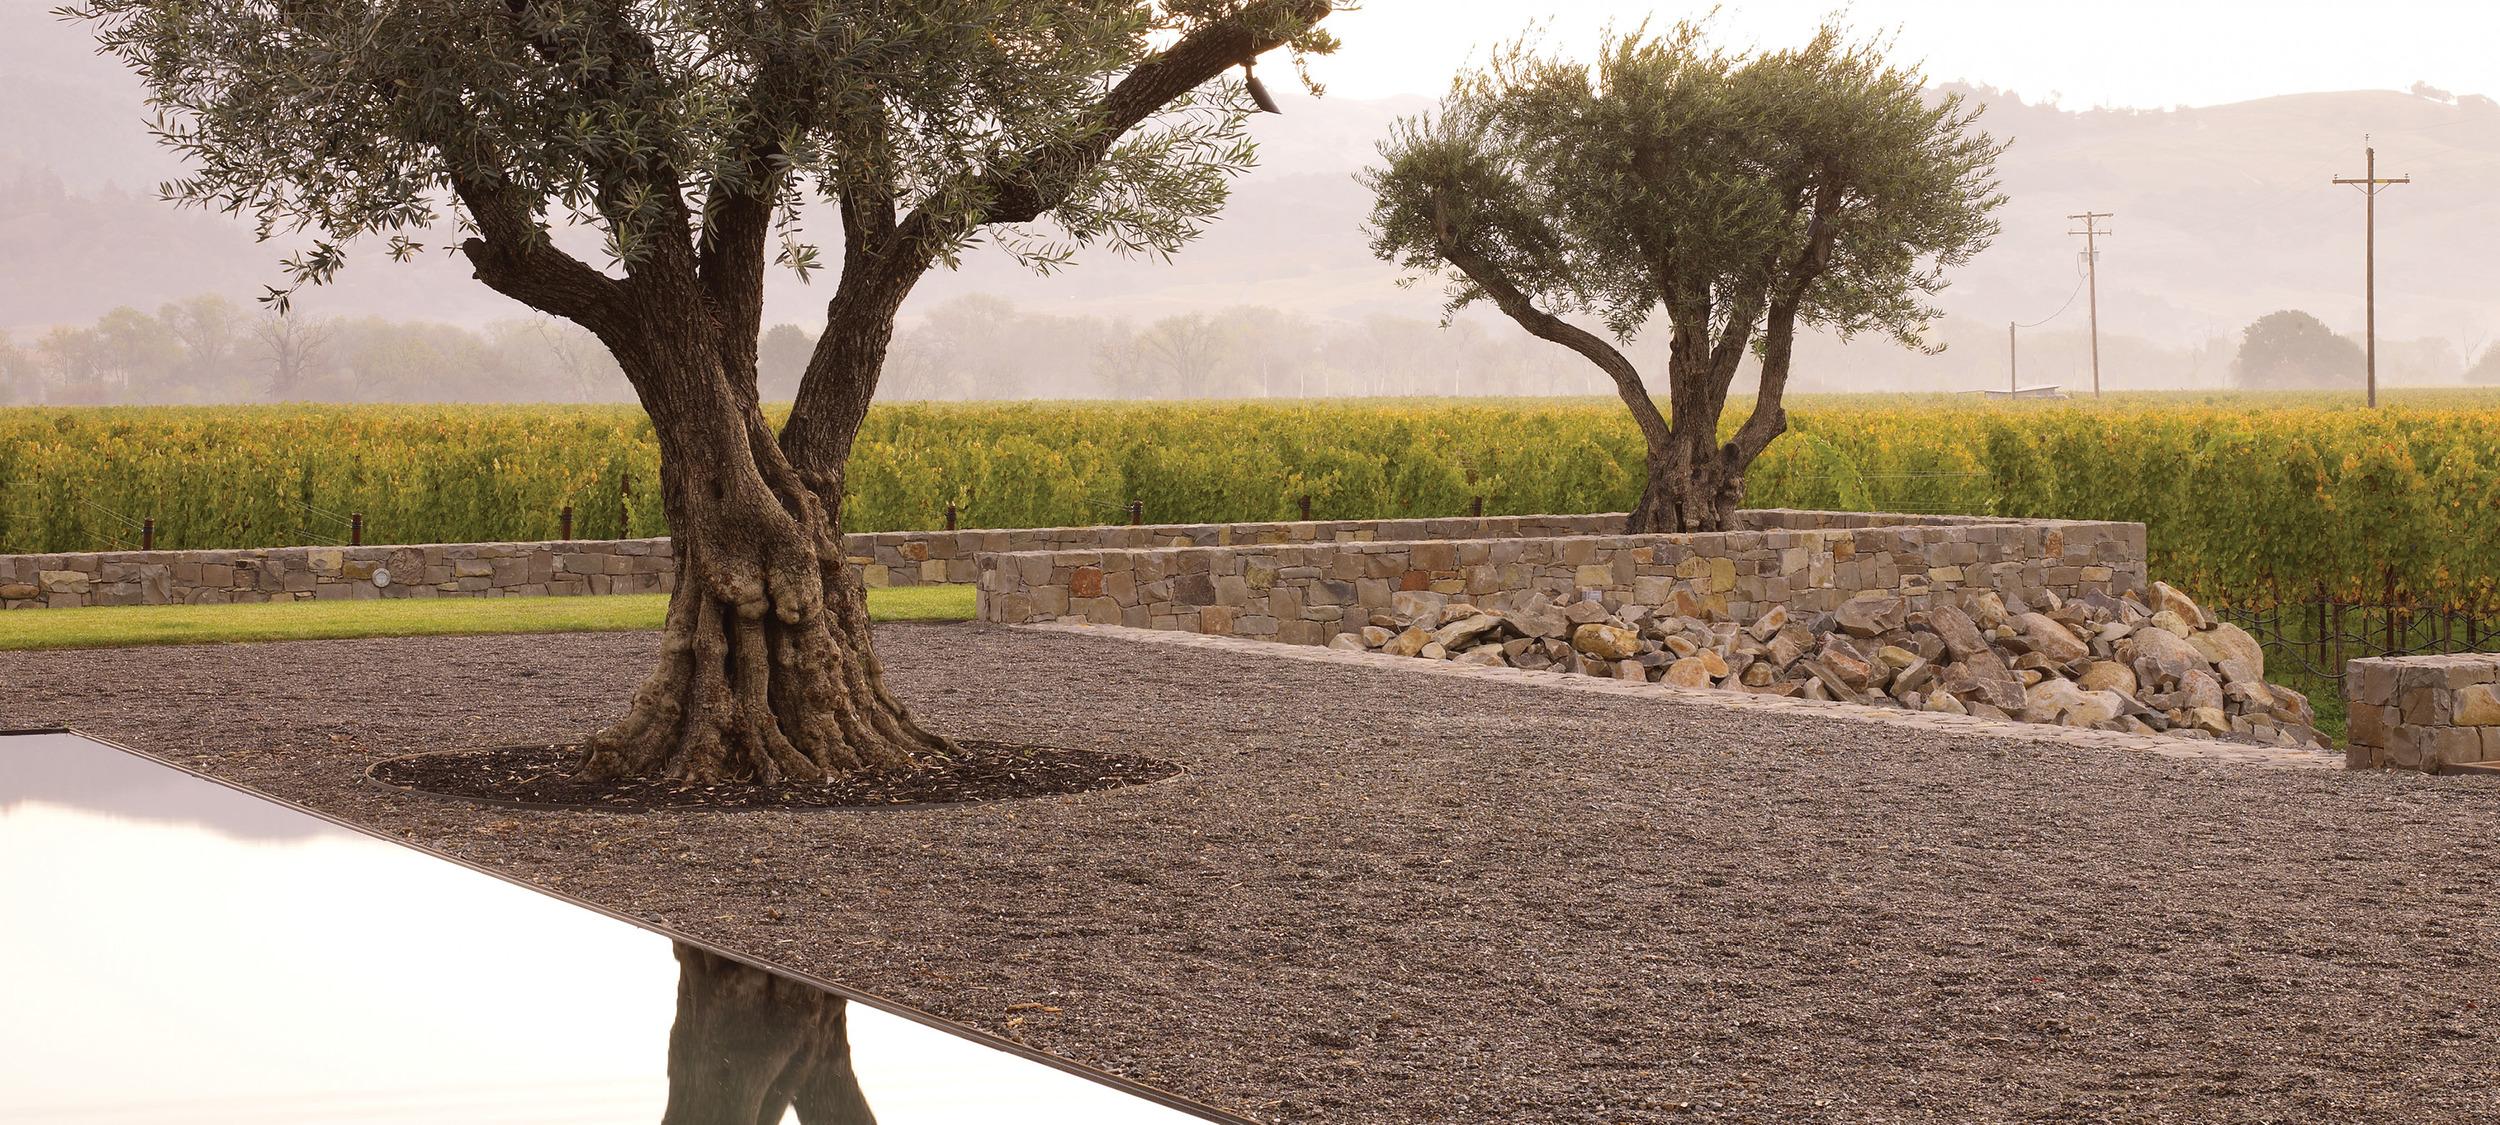 Walden Studios Andrea Cochran Landscape Architecture